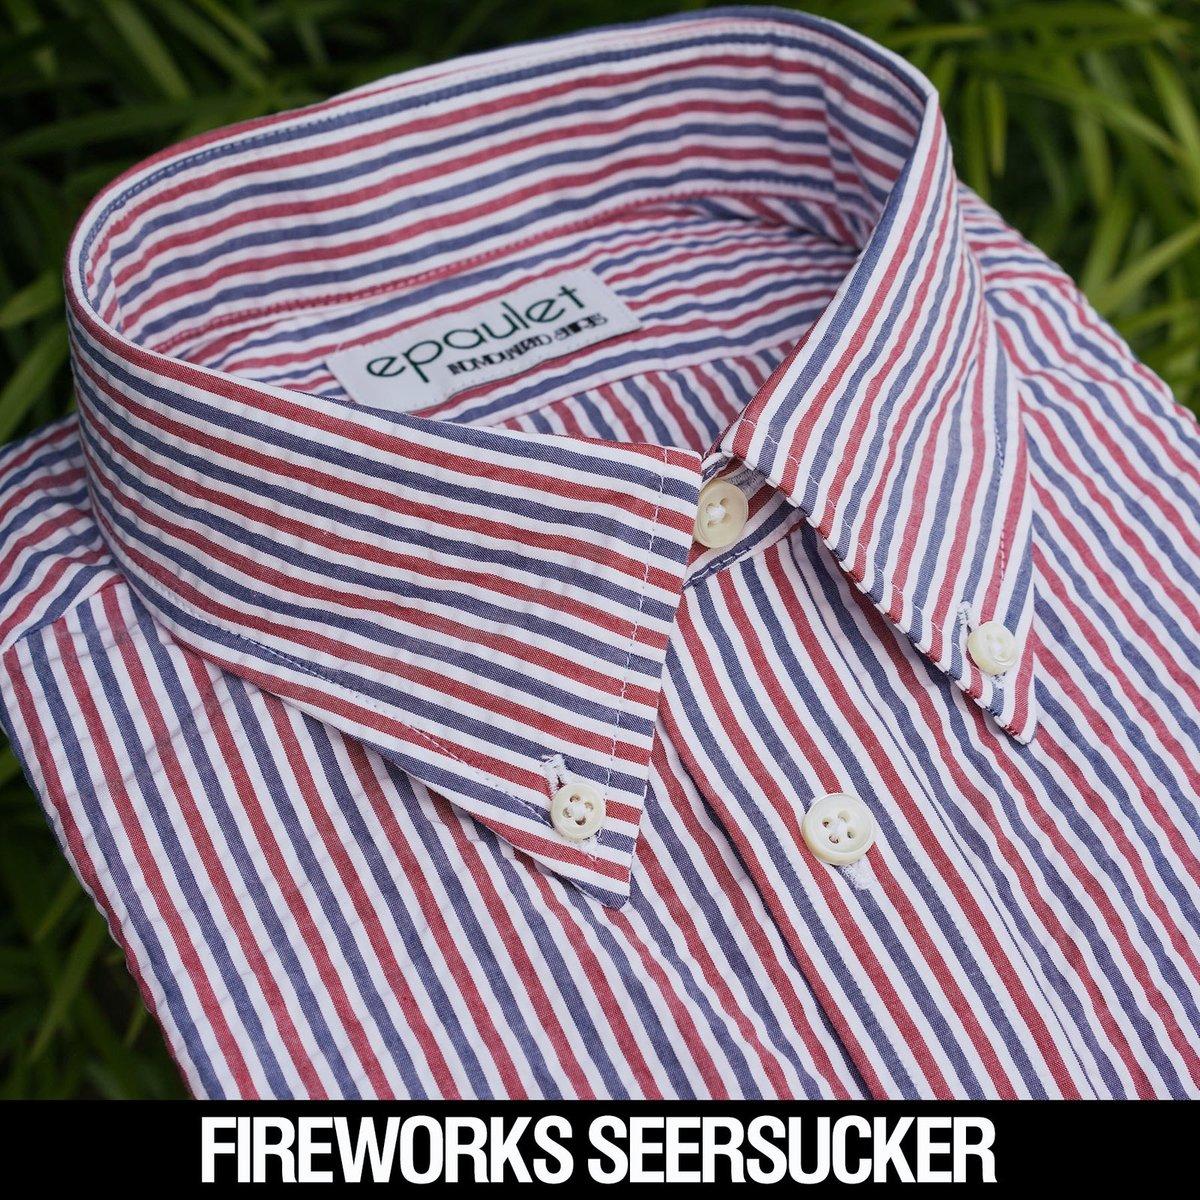 FireworksSeersuckerwithText_1600x.jpg